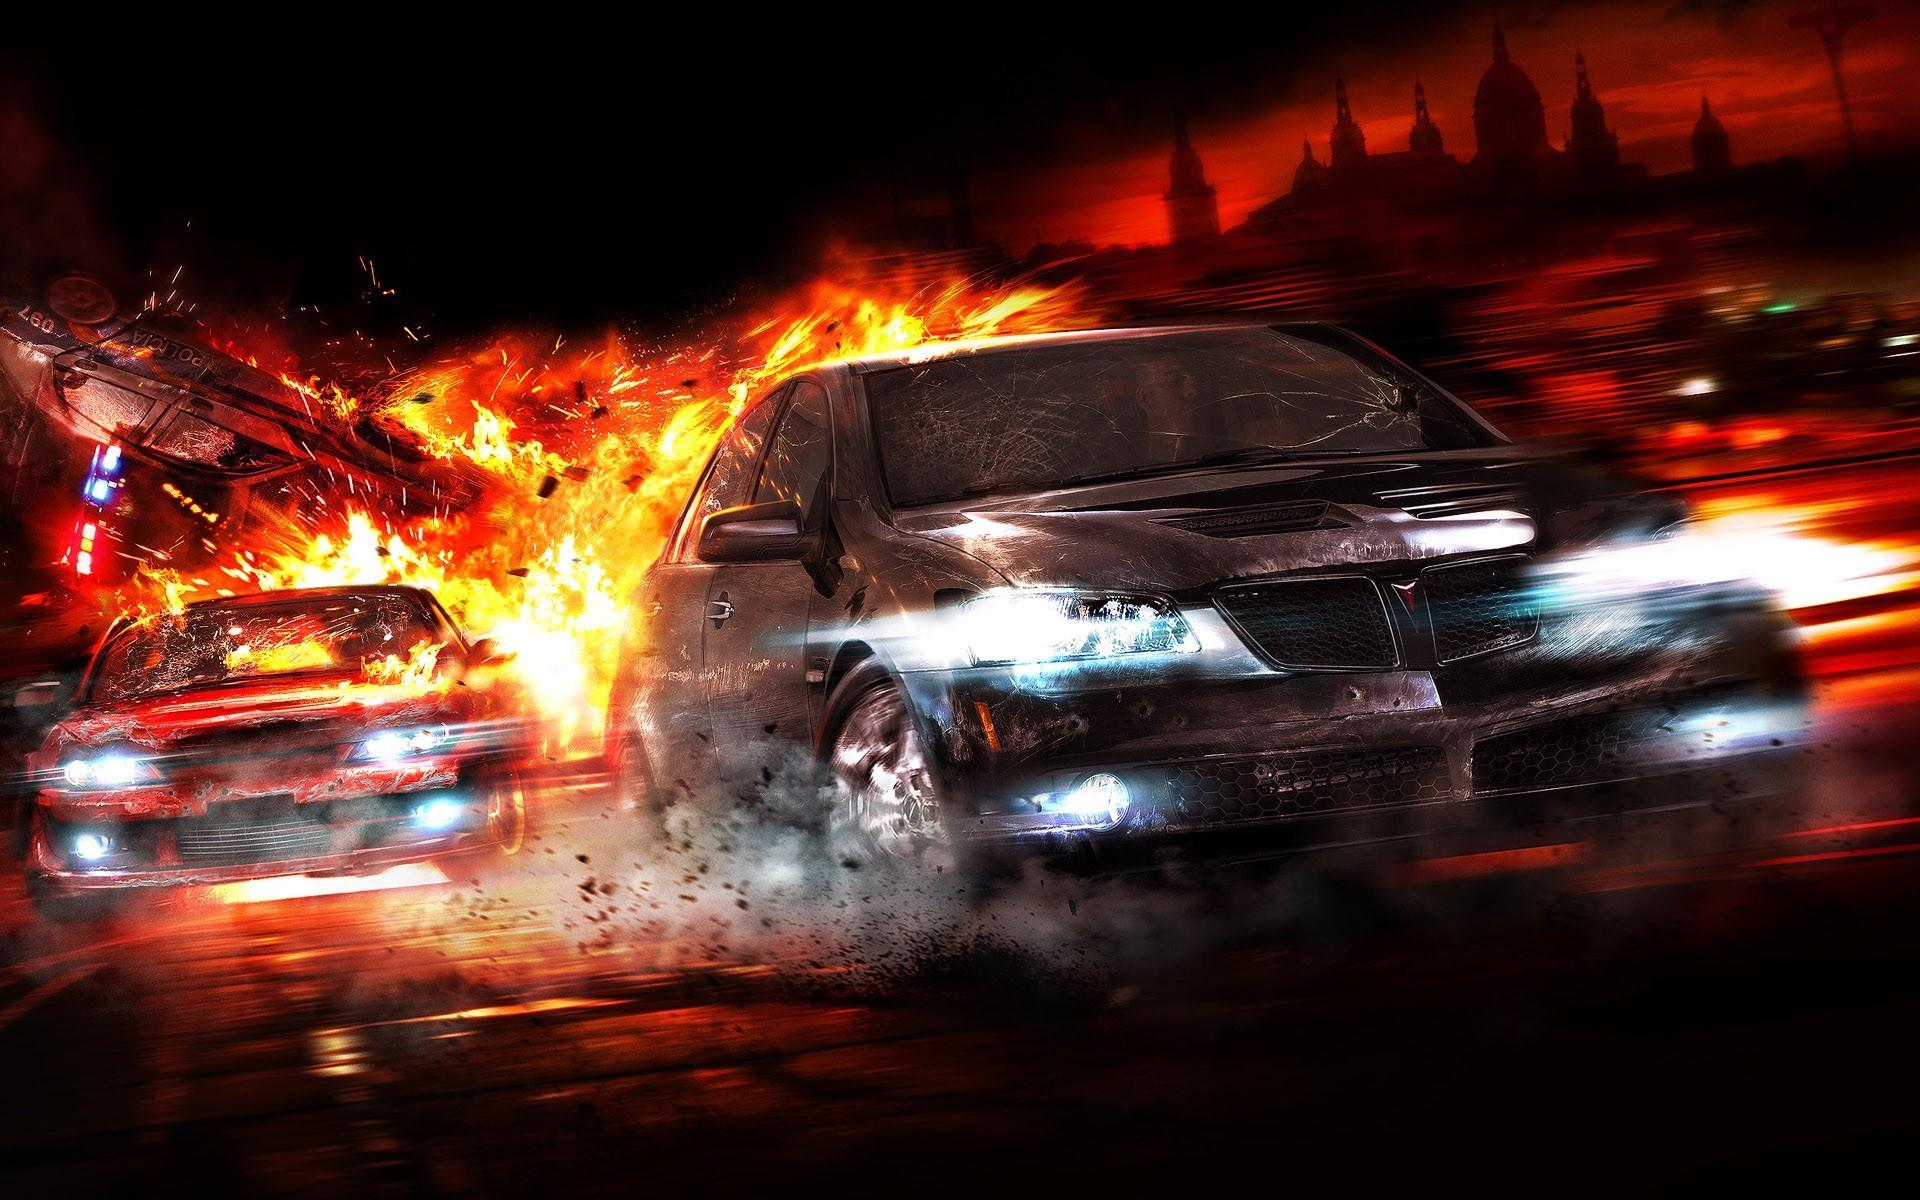 Картинки огня для машины